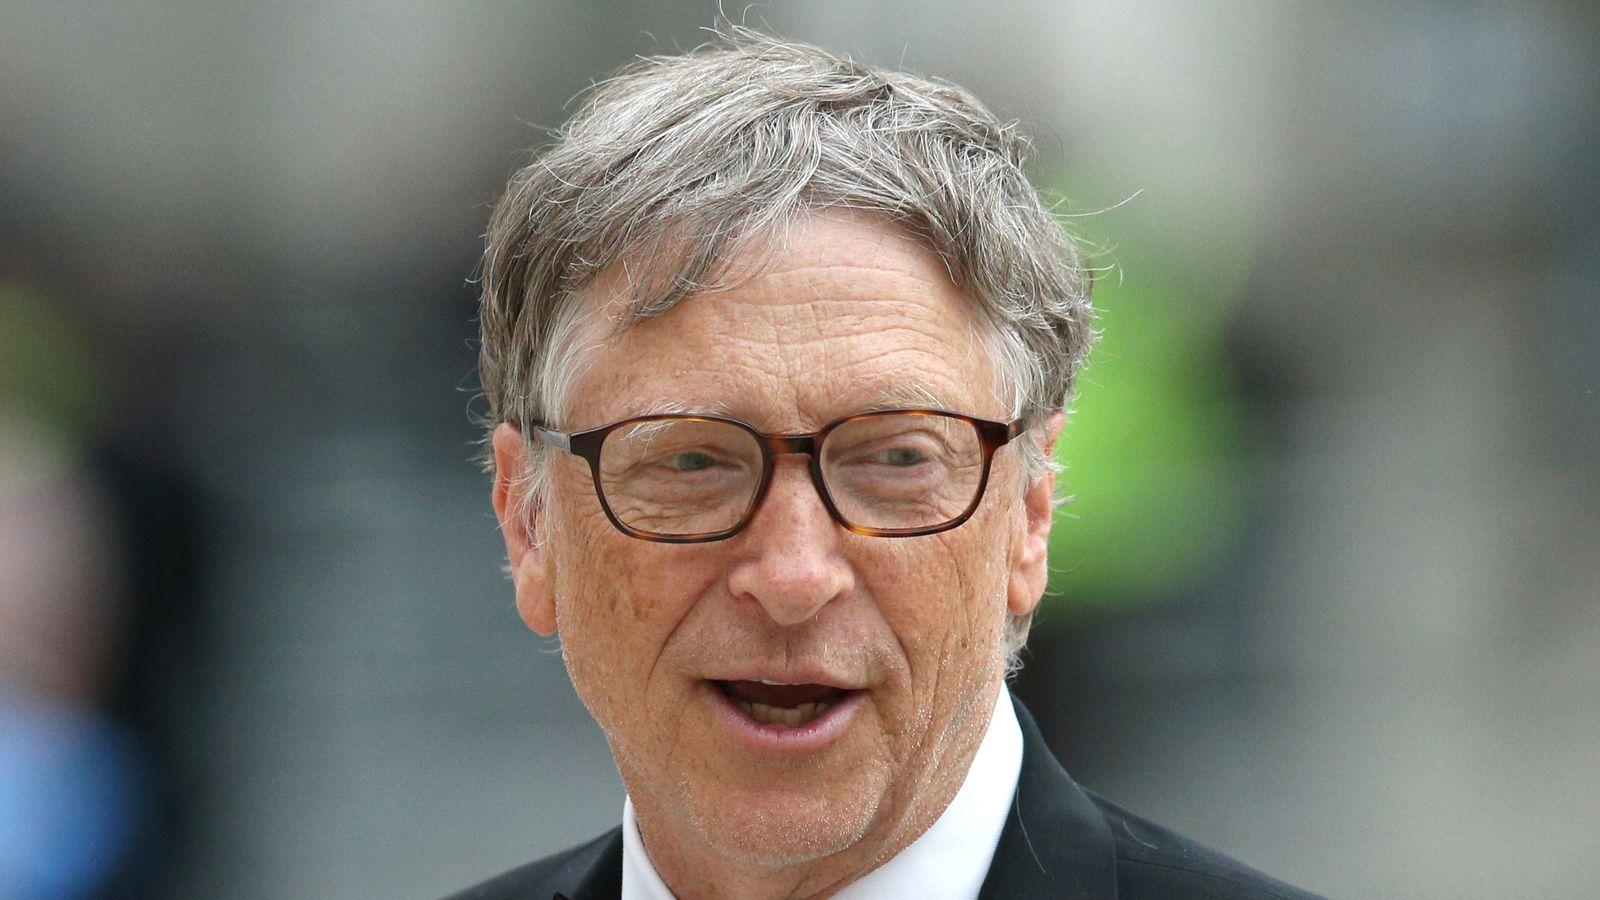 Corona-Mythen: Warum Bill Gates zur Zielscheibe wird